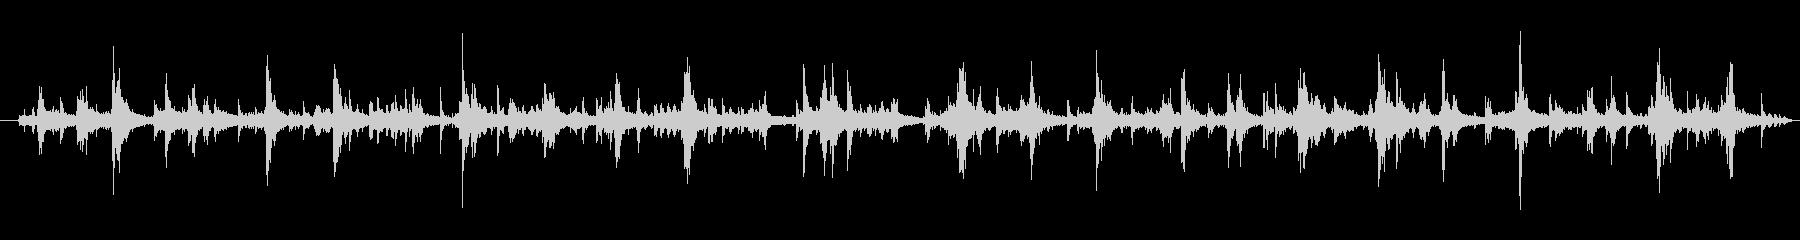 ハーネス 実行02の未再生の波形